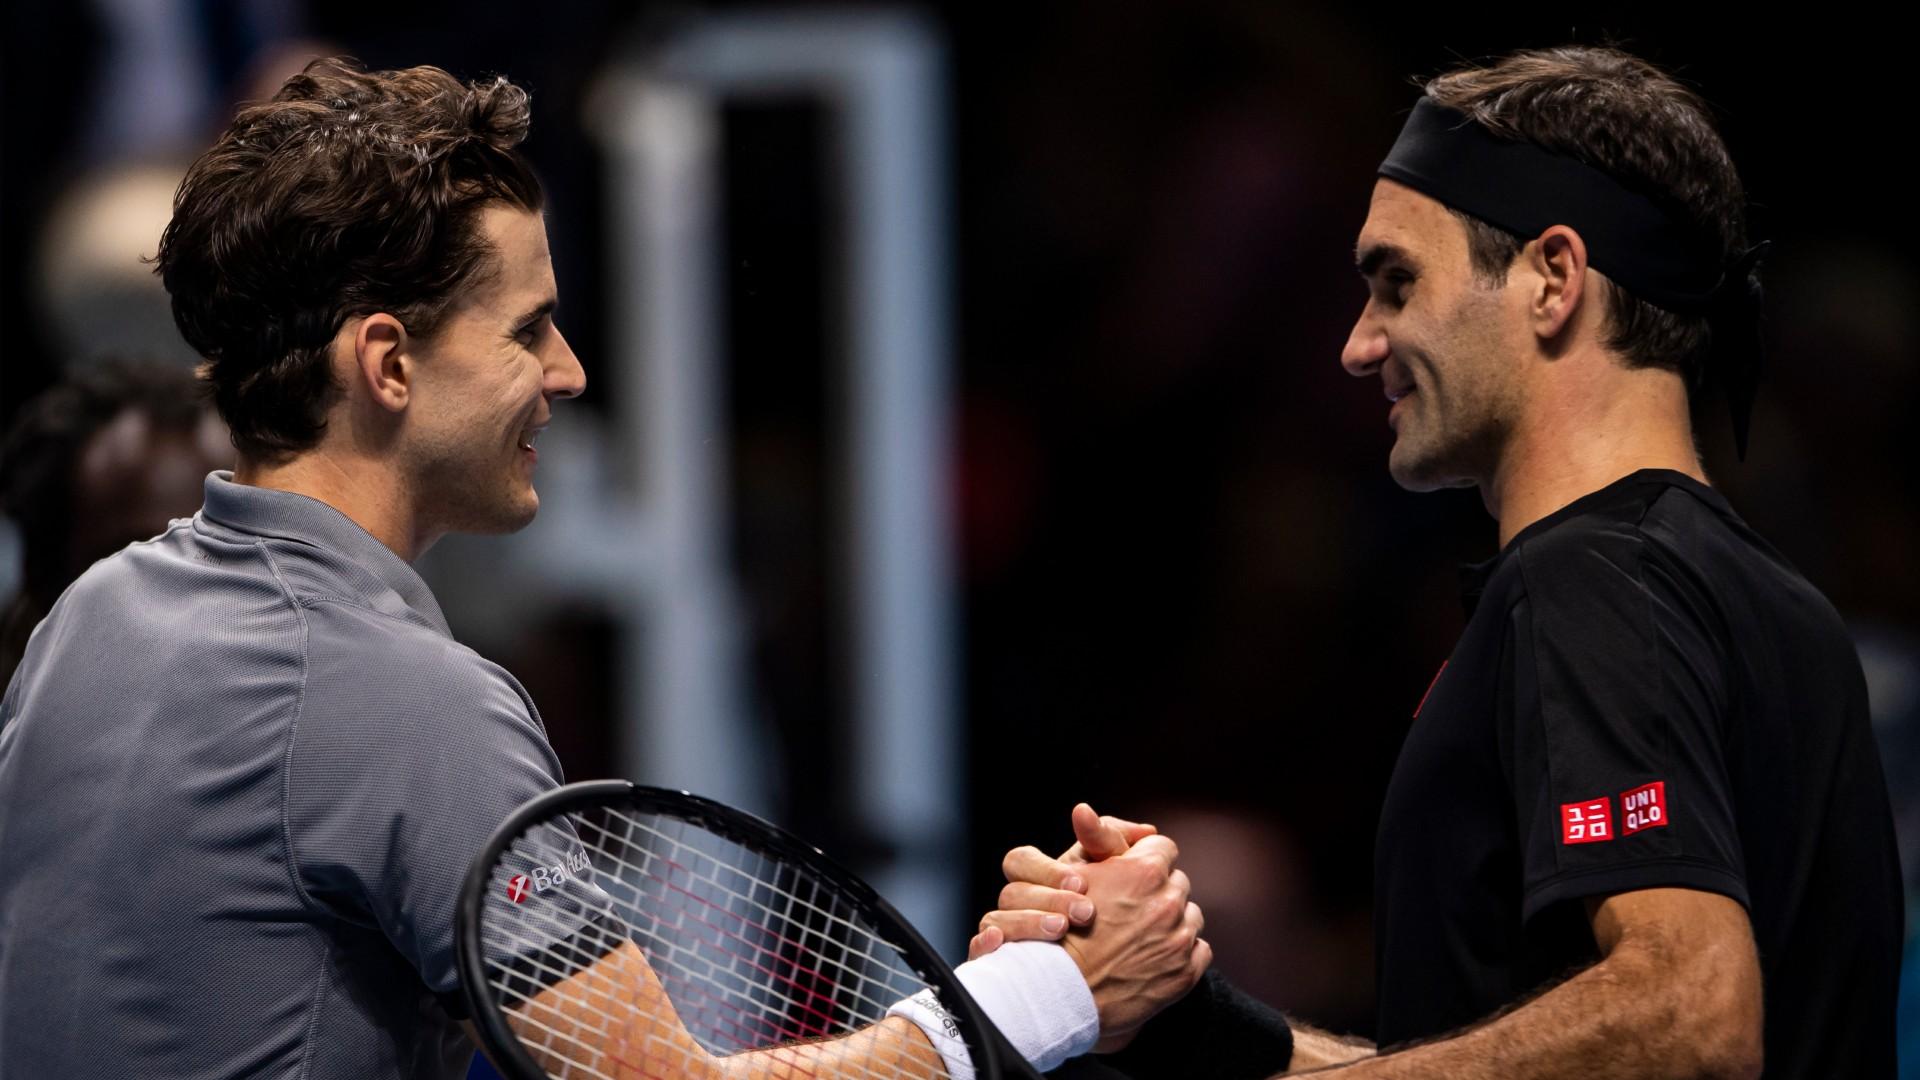 Thiem relishing Federer's ATP Tour comeback